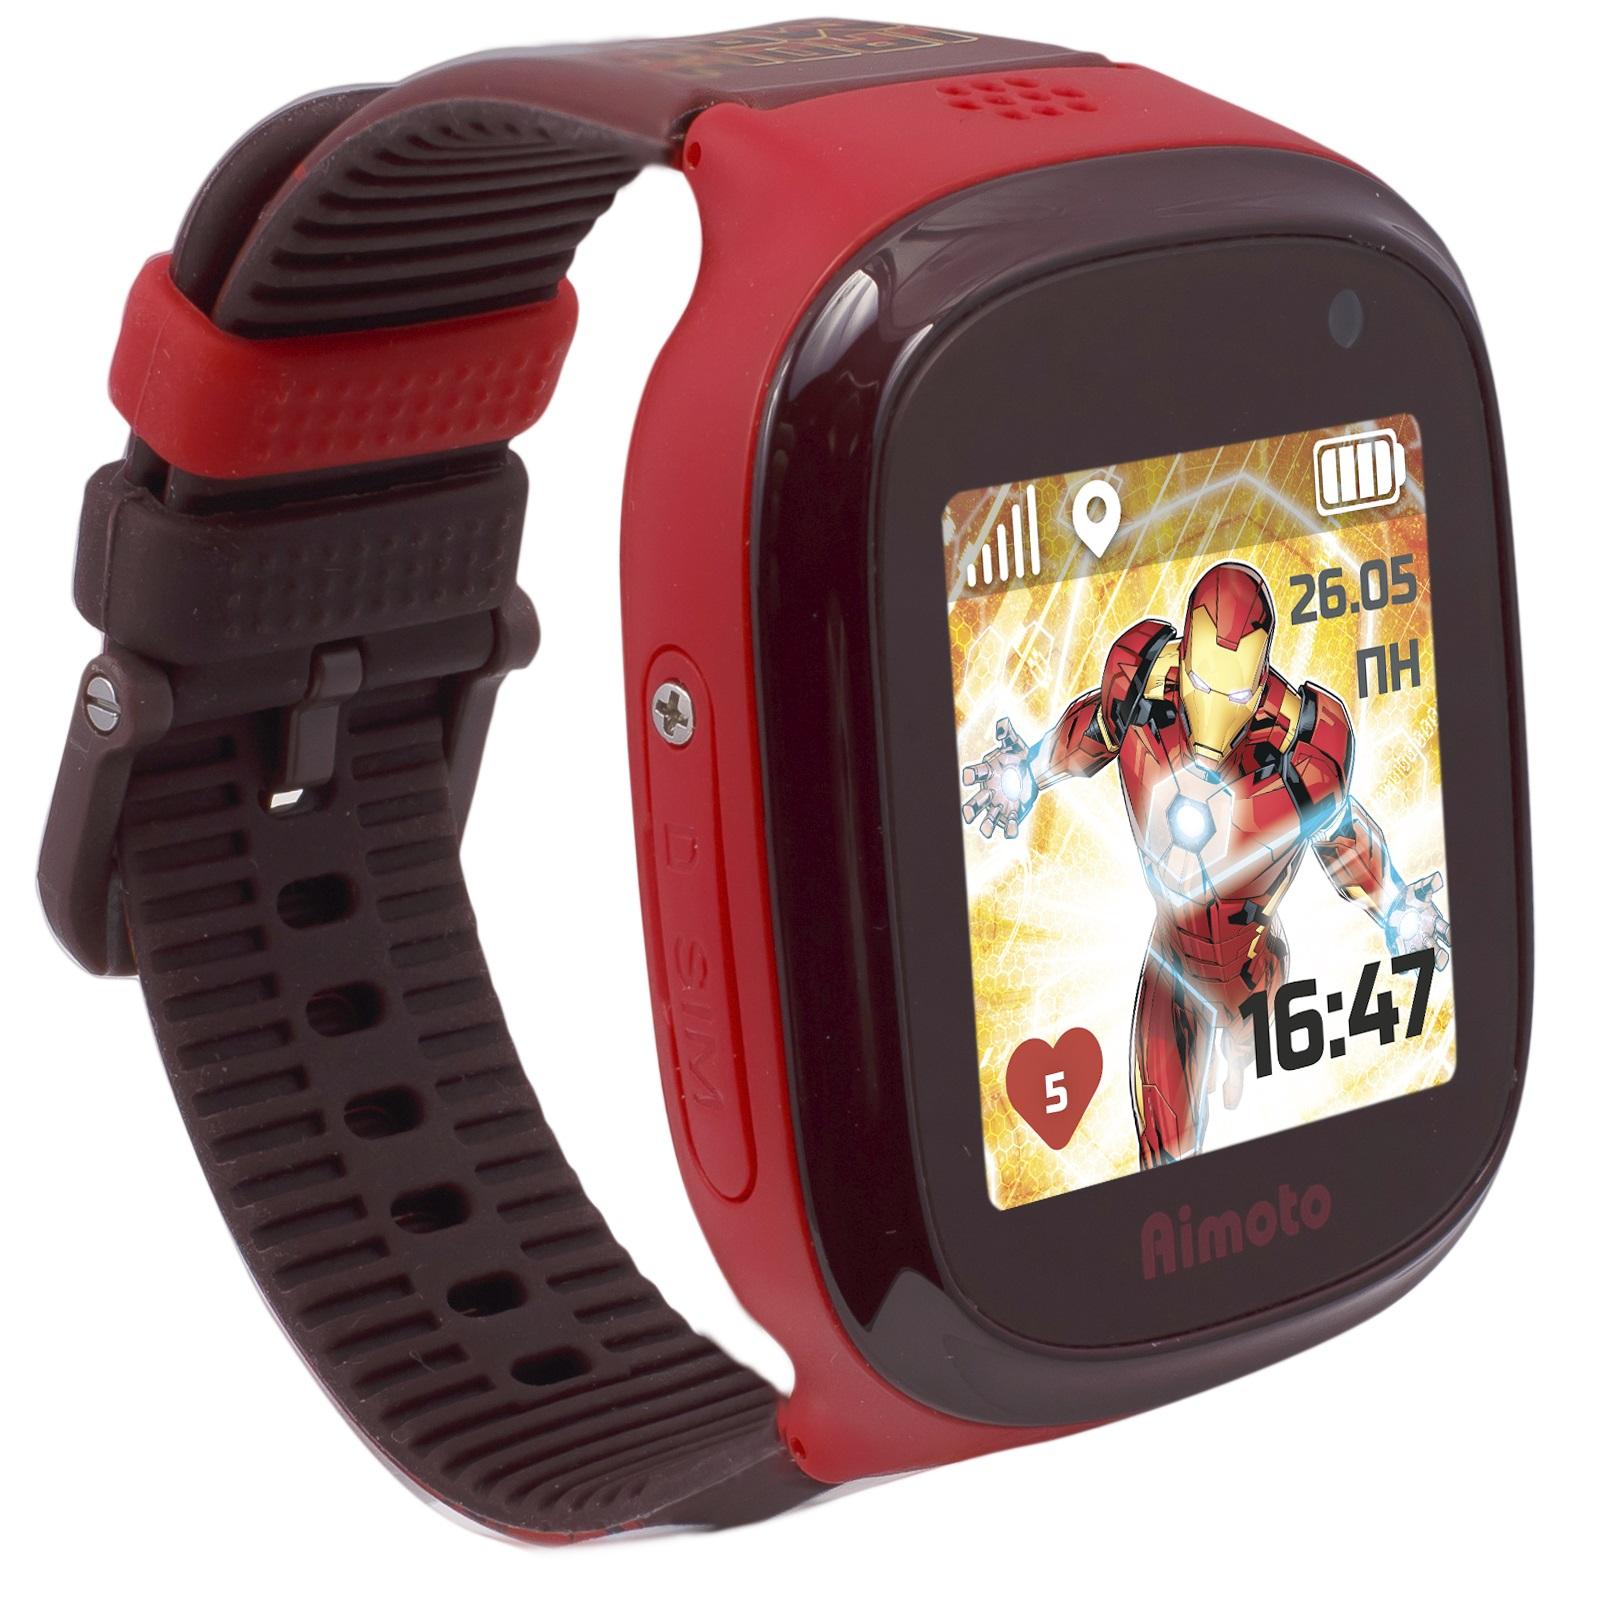 """Детские часы Кнопка Жизни Aimoto Marvel """"Железный человек"""" (Red)"""